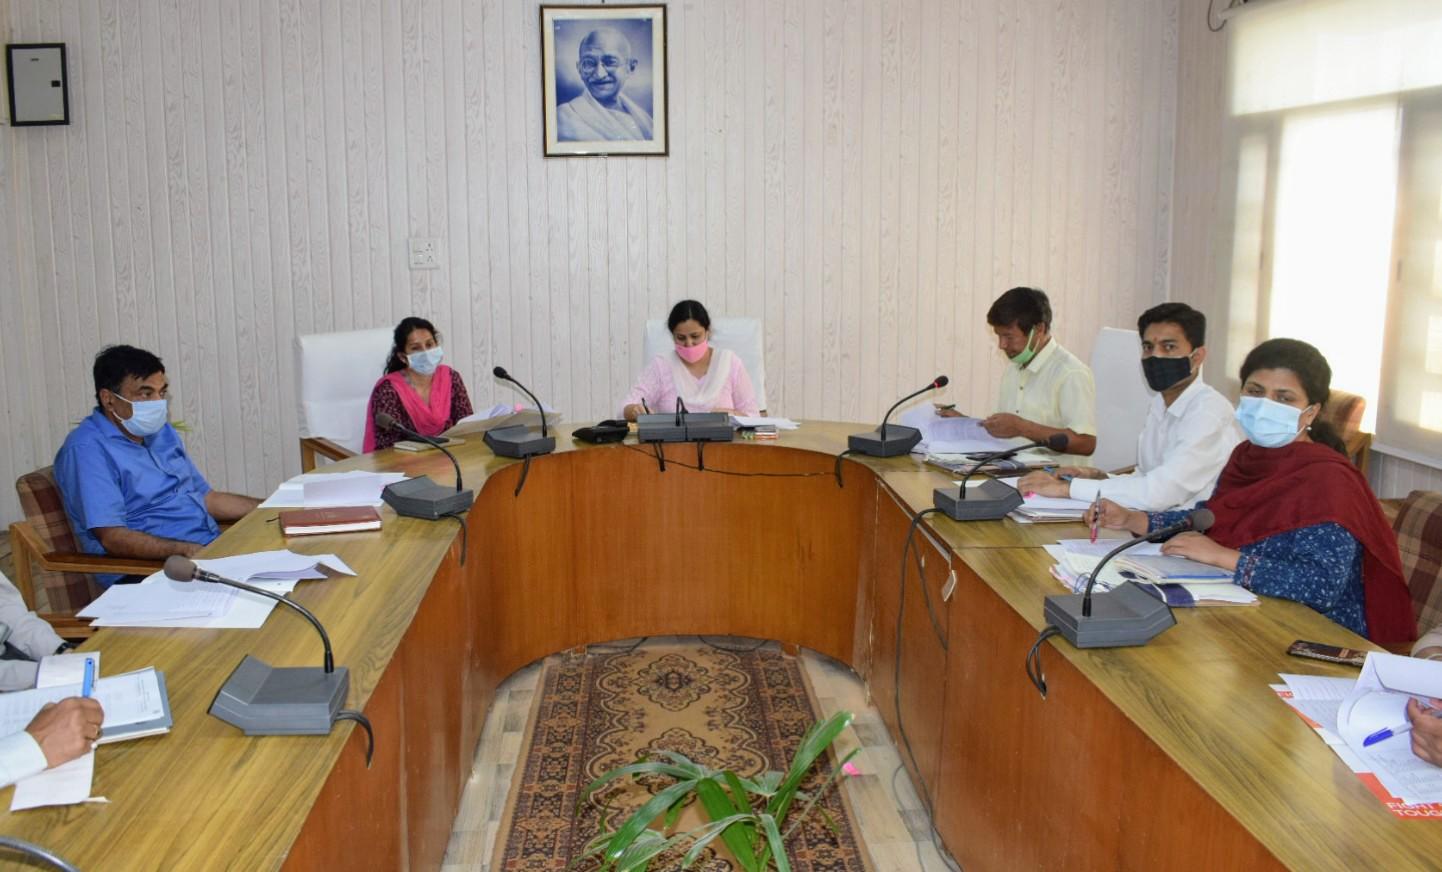 सिरमौर जिला के बच्चों में कुपोषण का स्तर राष्ट्रीय स्तर से कम-प्रियंका वर्मा